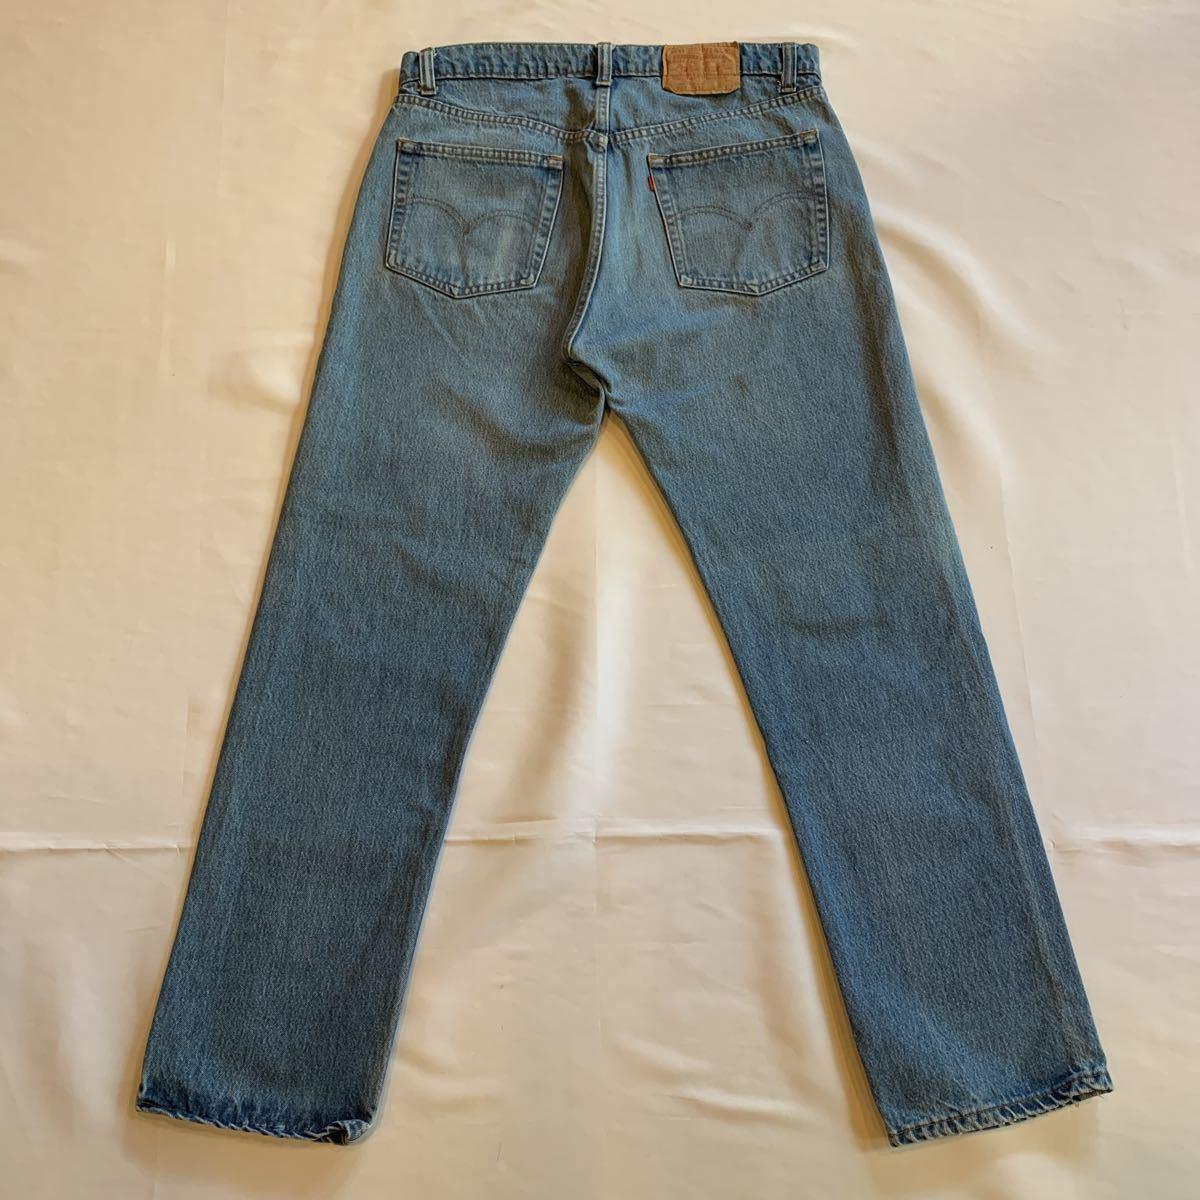 80s Levi's 505 DENIM PANTS MADE IN USA ヴィンテージ ビンテージ リーバイス 505-0217 デニムパンツ アメリカ製 チェーンステッチ 70s_画像2